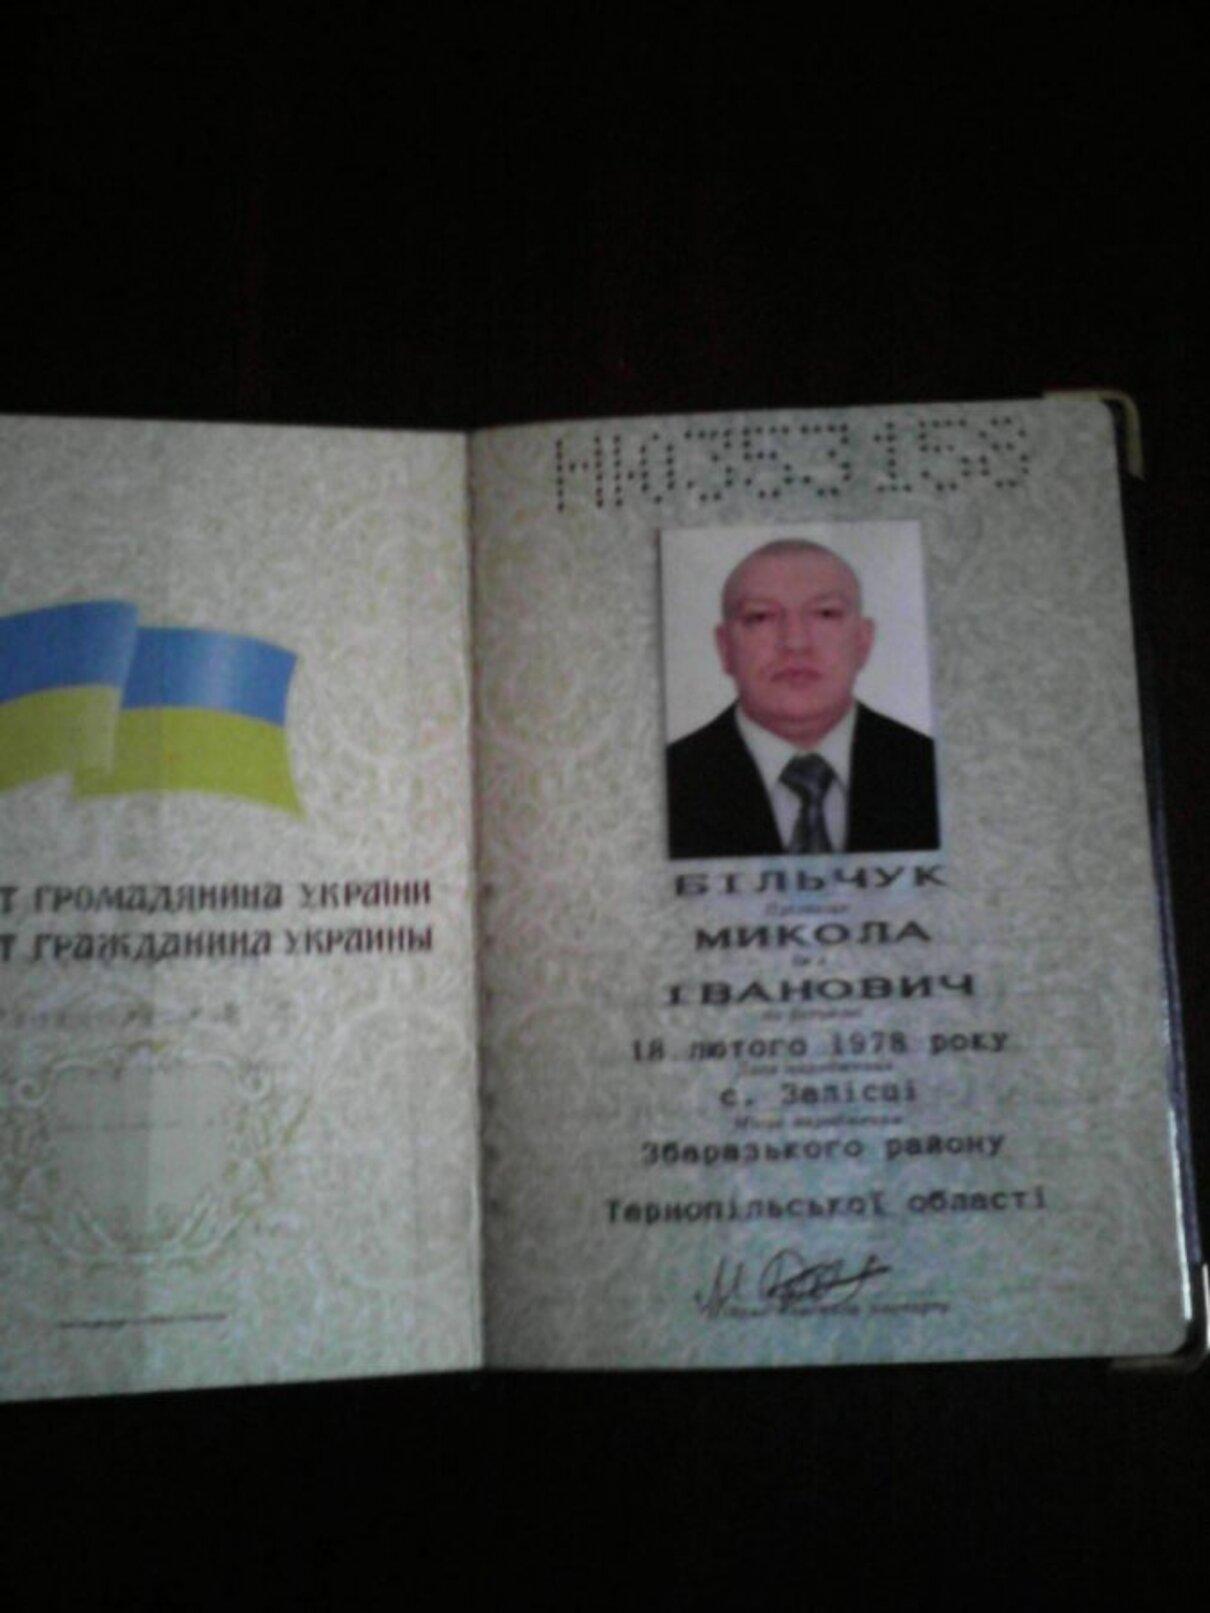 Жалоба-отзыв: Бильчук Николай Иванович - Мошенник и мелкий кидала!.  Фото №1